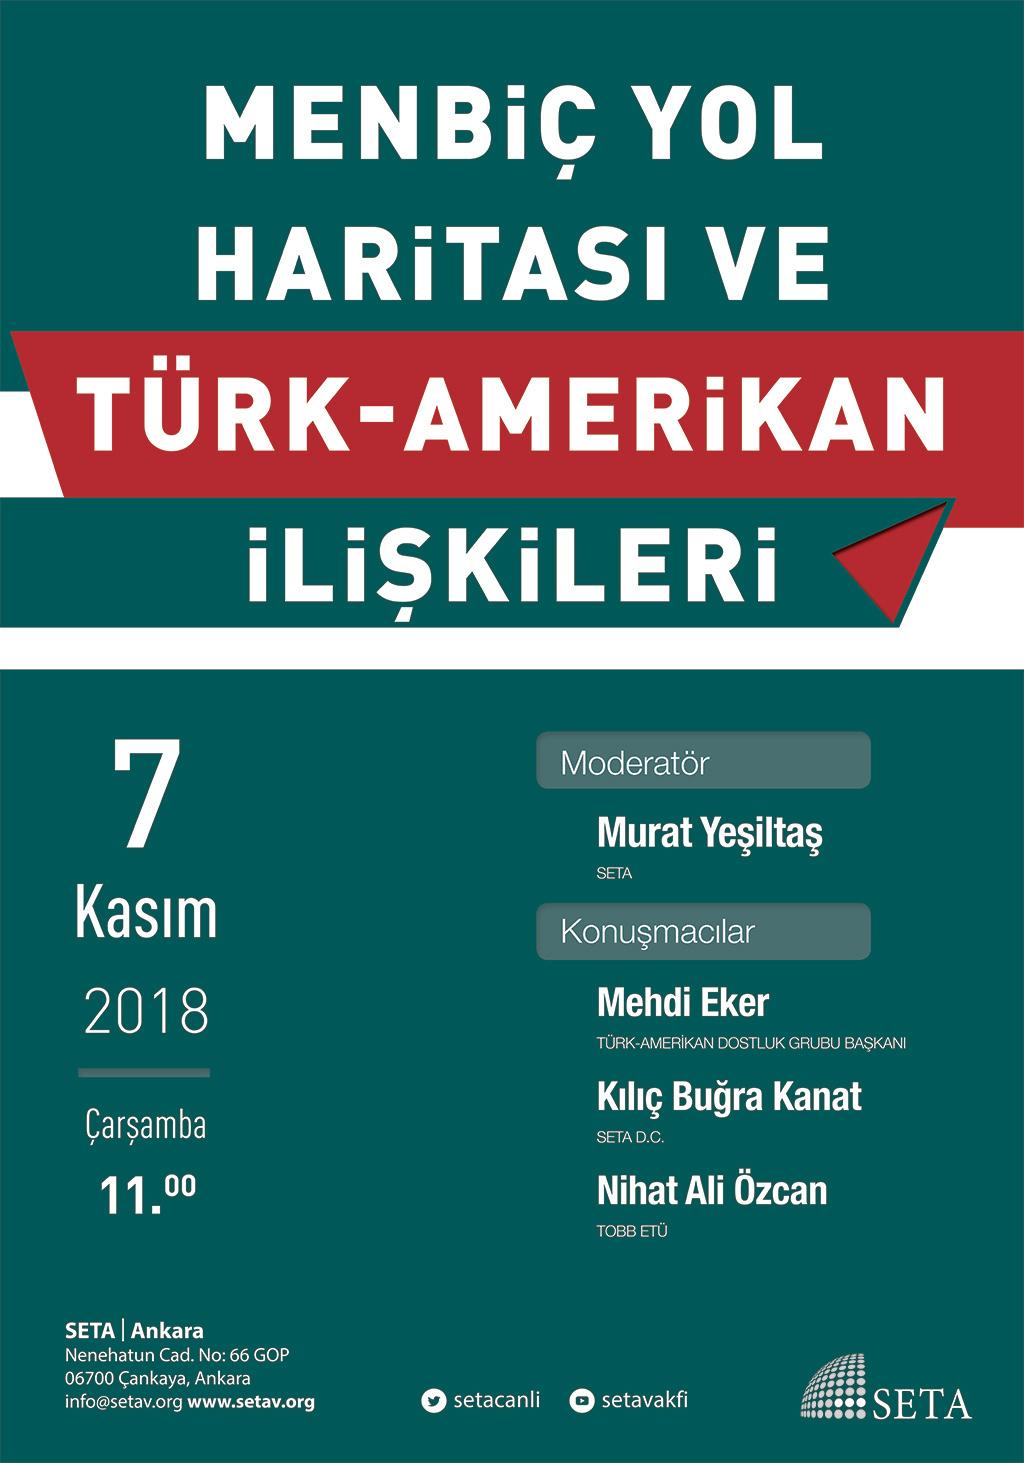 Panel: Menbiç Yol Haritası ve Türk-Amerikan İlişkileri